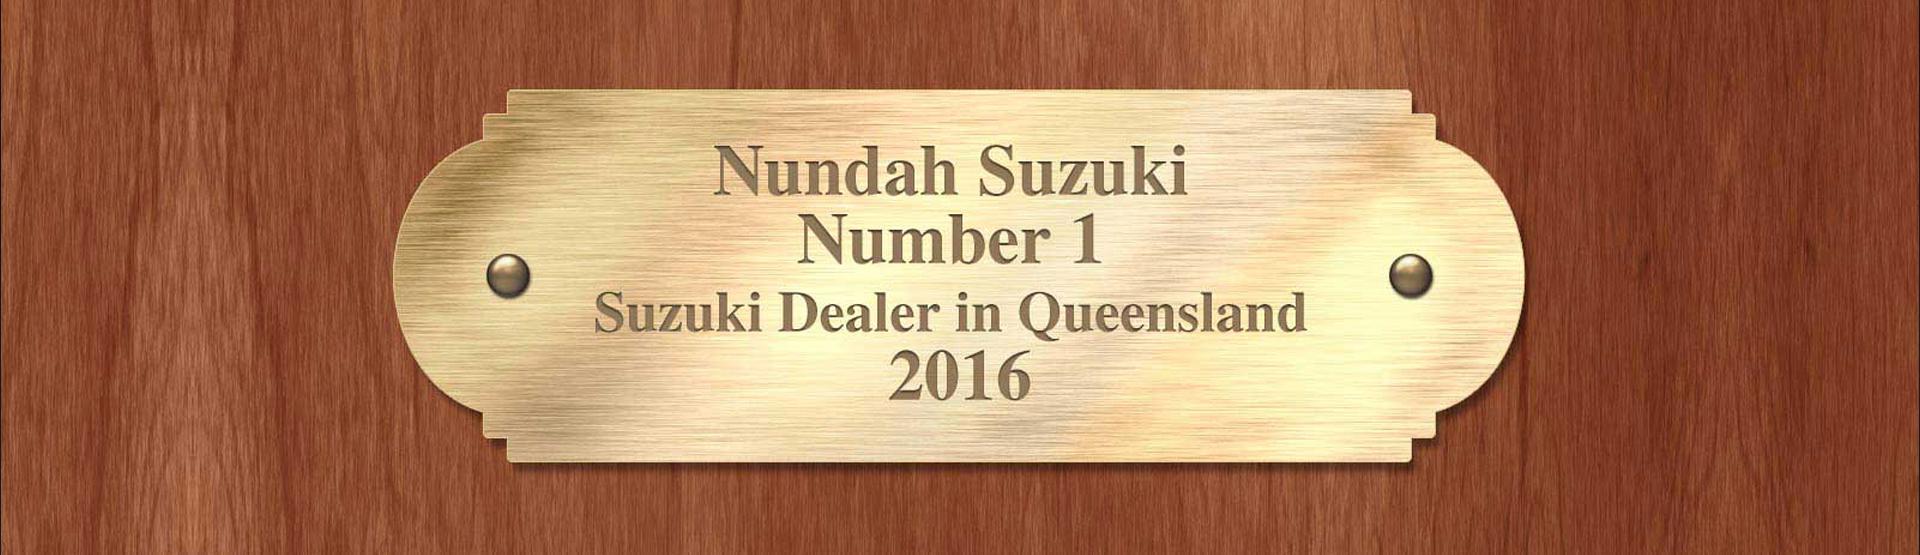 Nundah Suzuki Brisbane, the Number 1 Suzuki Dealer in Queensland 2016 written on a gold plaque.